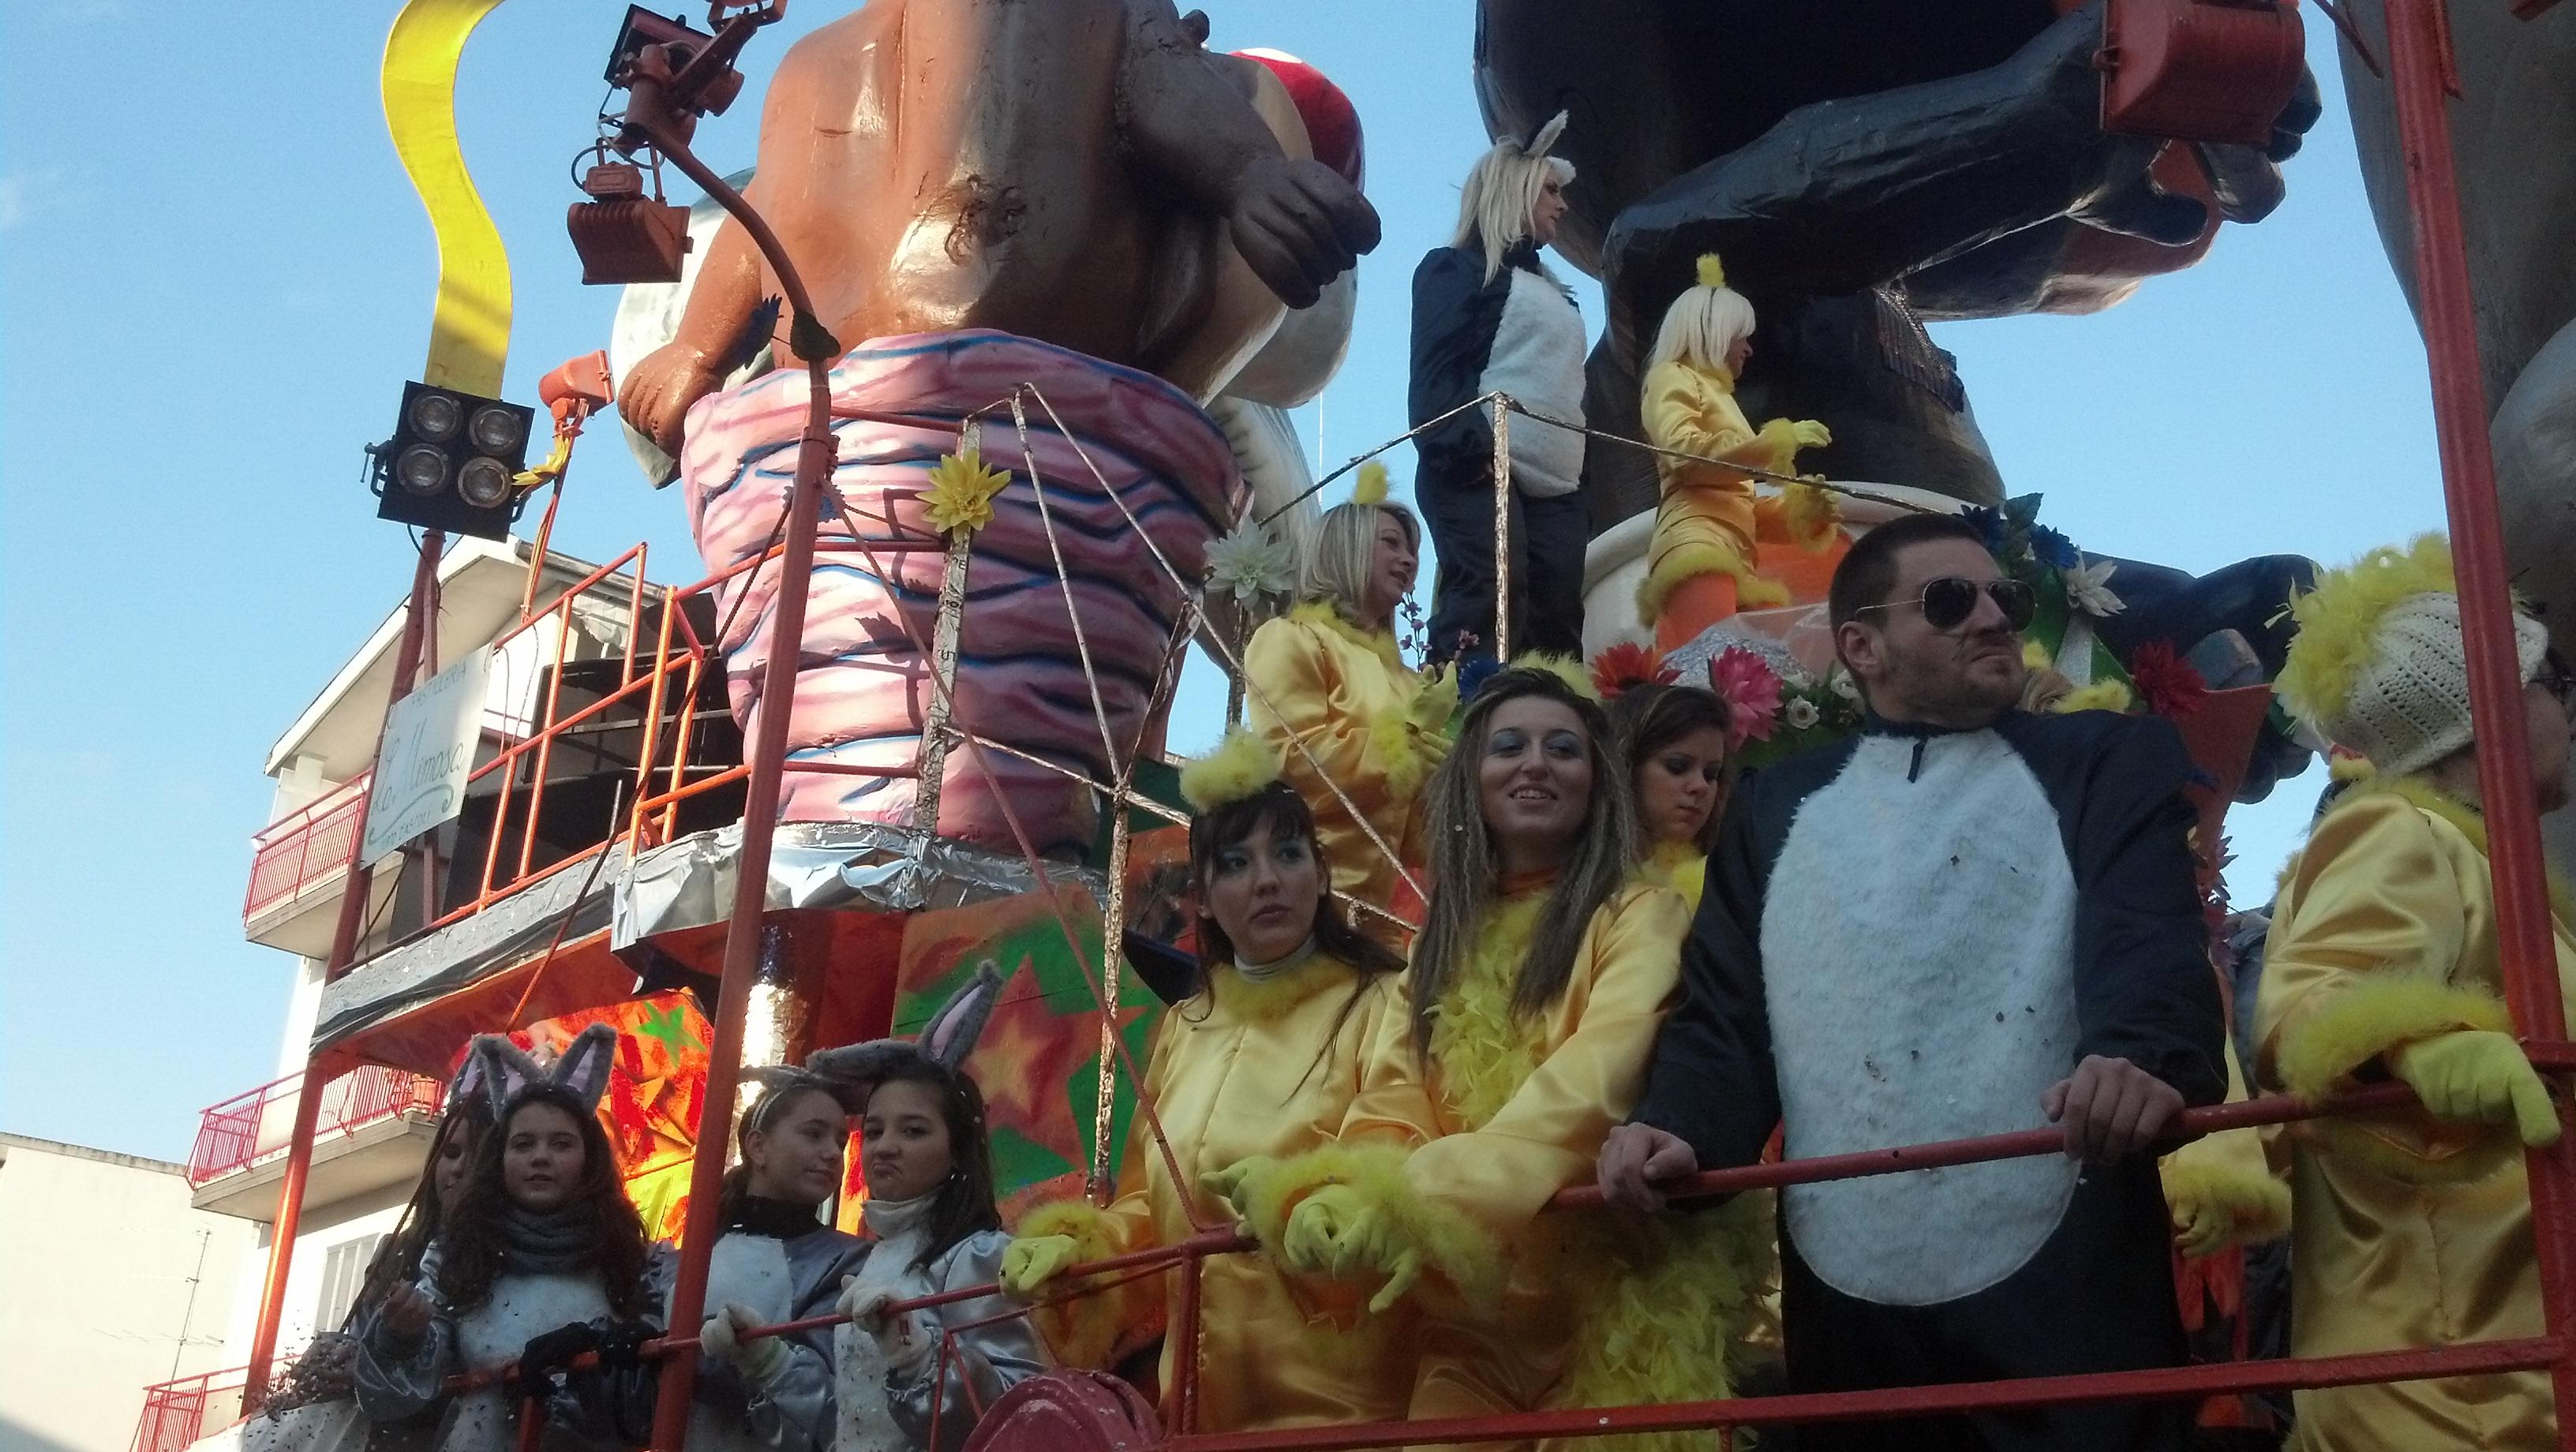 Carnevale San Benedetto 2013 8